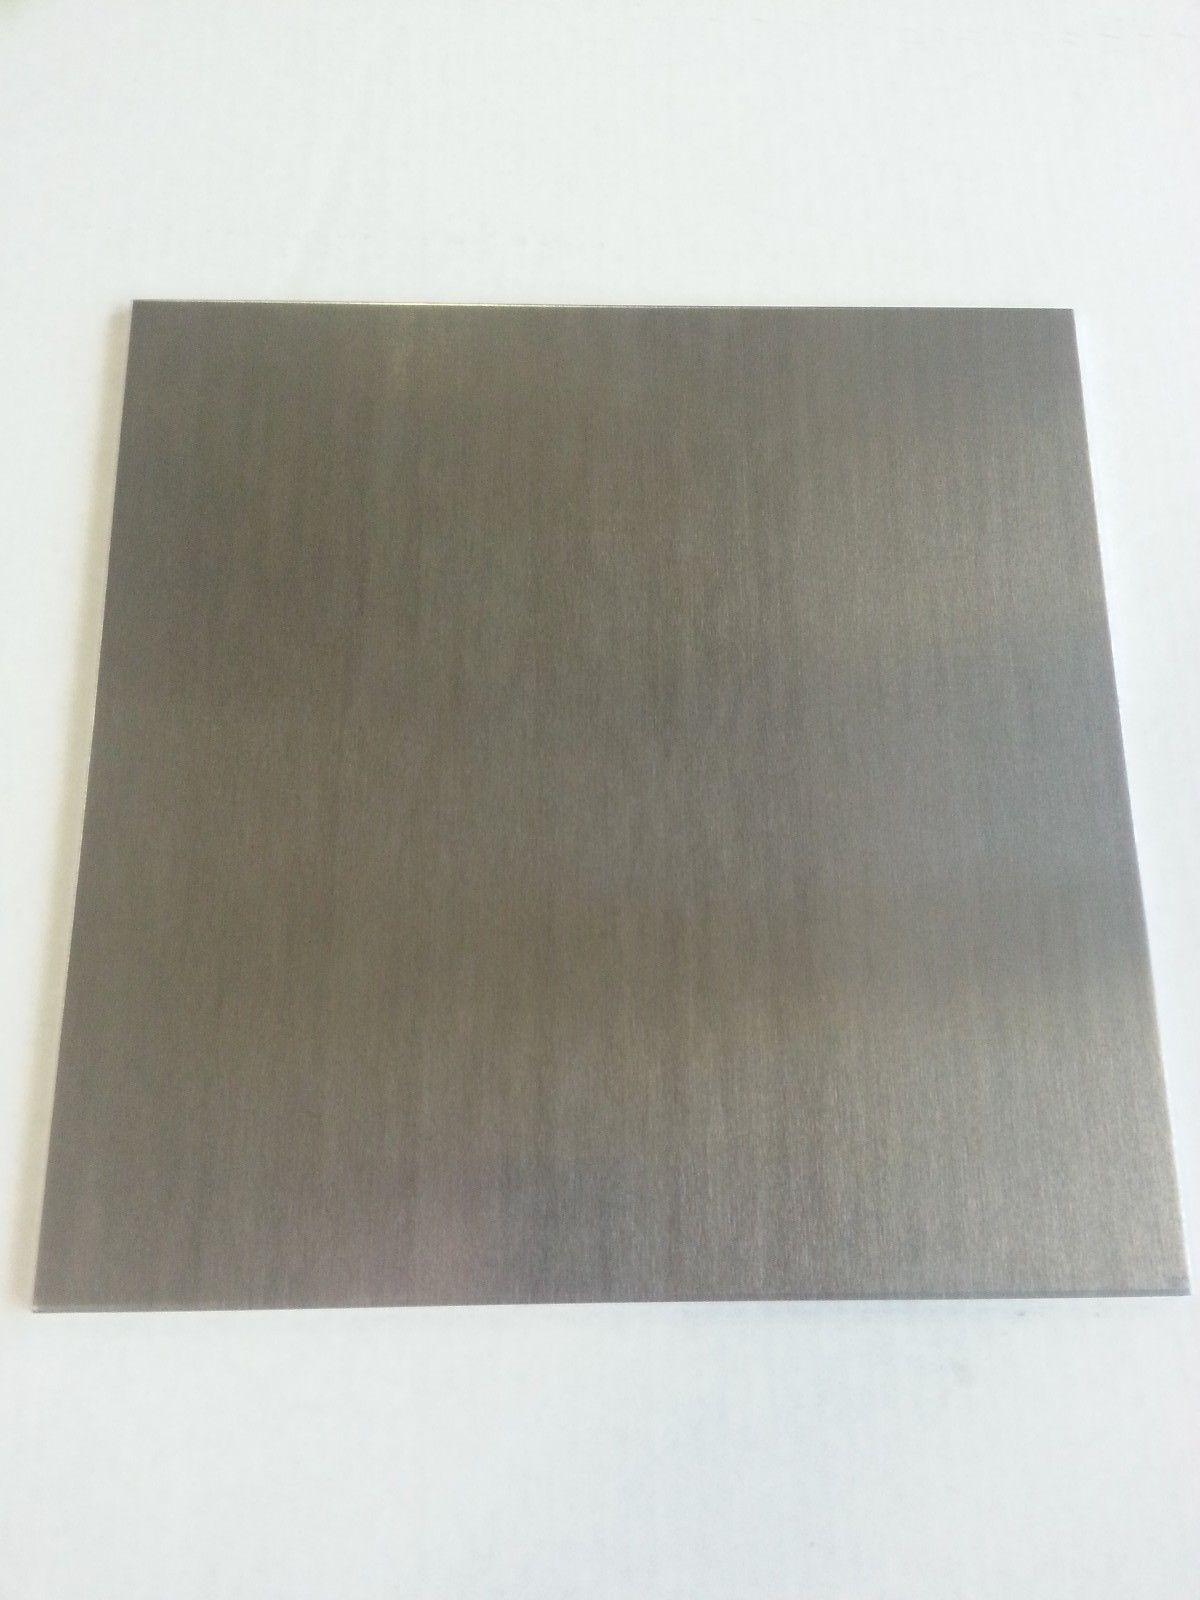 """.125 1/8"""" Aluminum Sheet Plate 6061 6"""" x 12"""""""